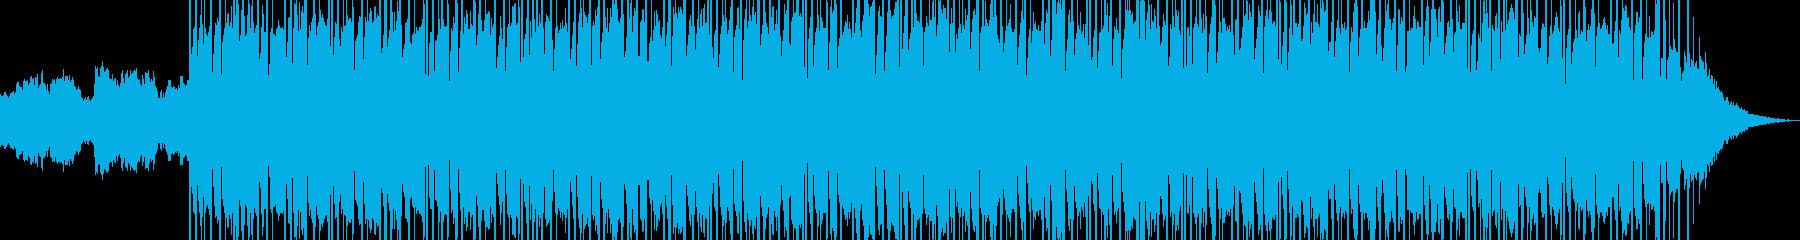 実験的な テクノロジー 電気ピアノ...の再生済みの波形